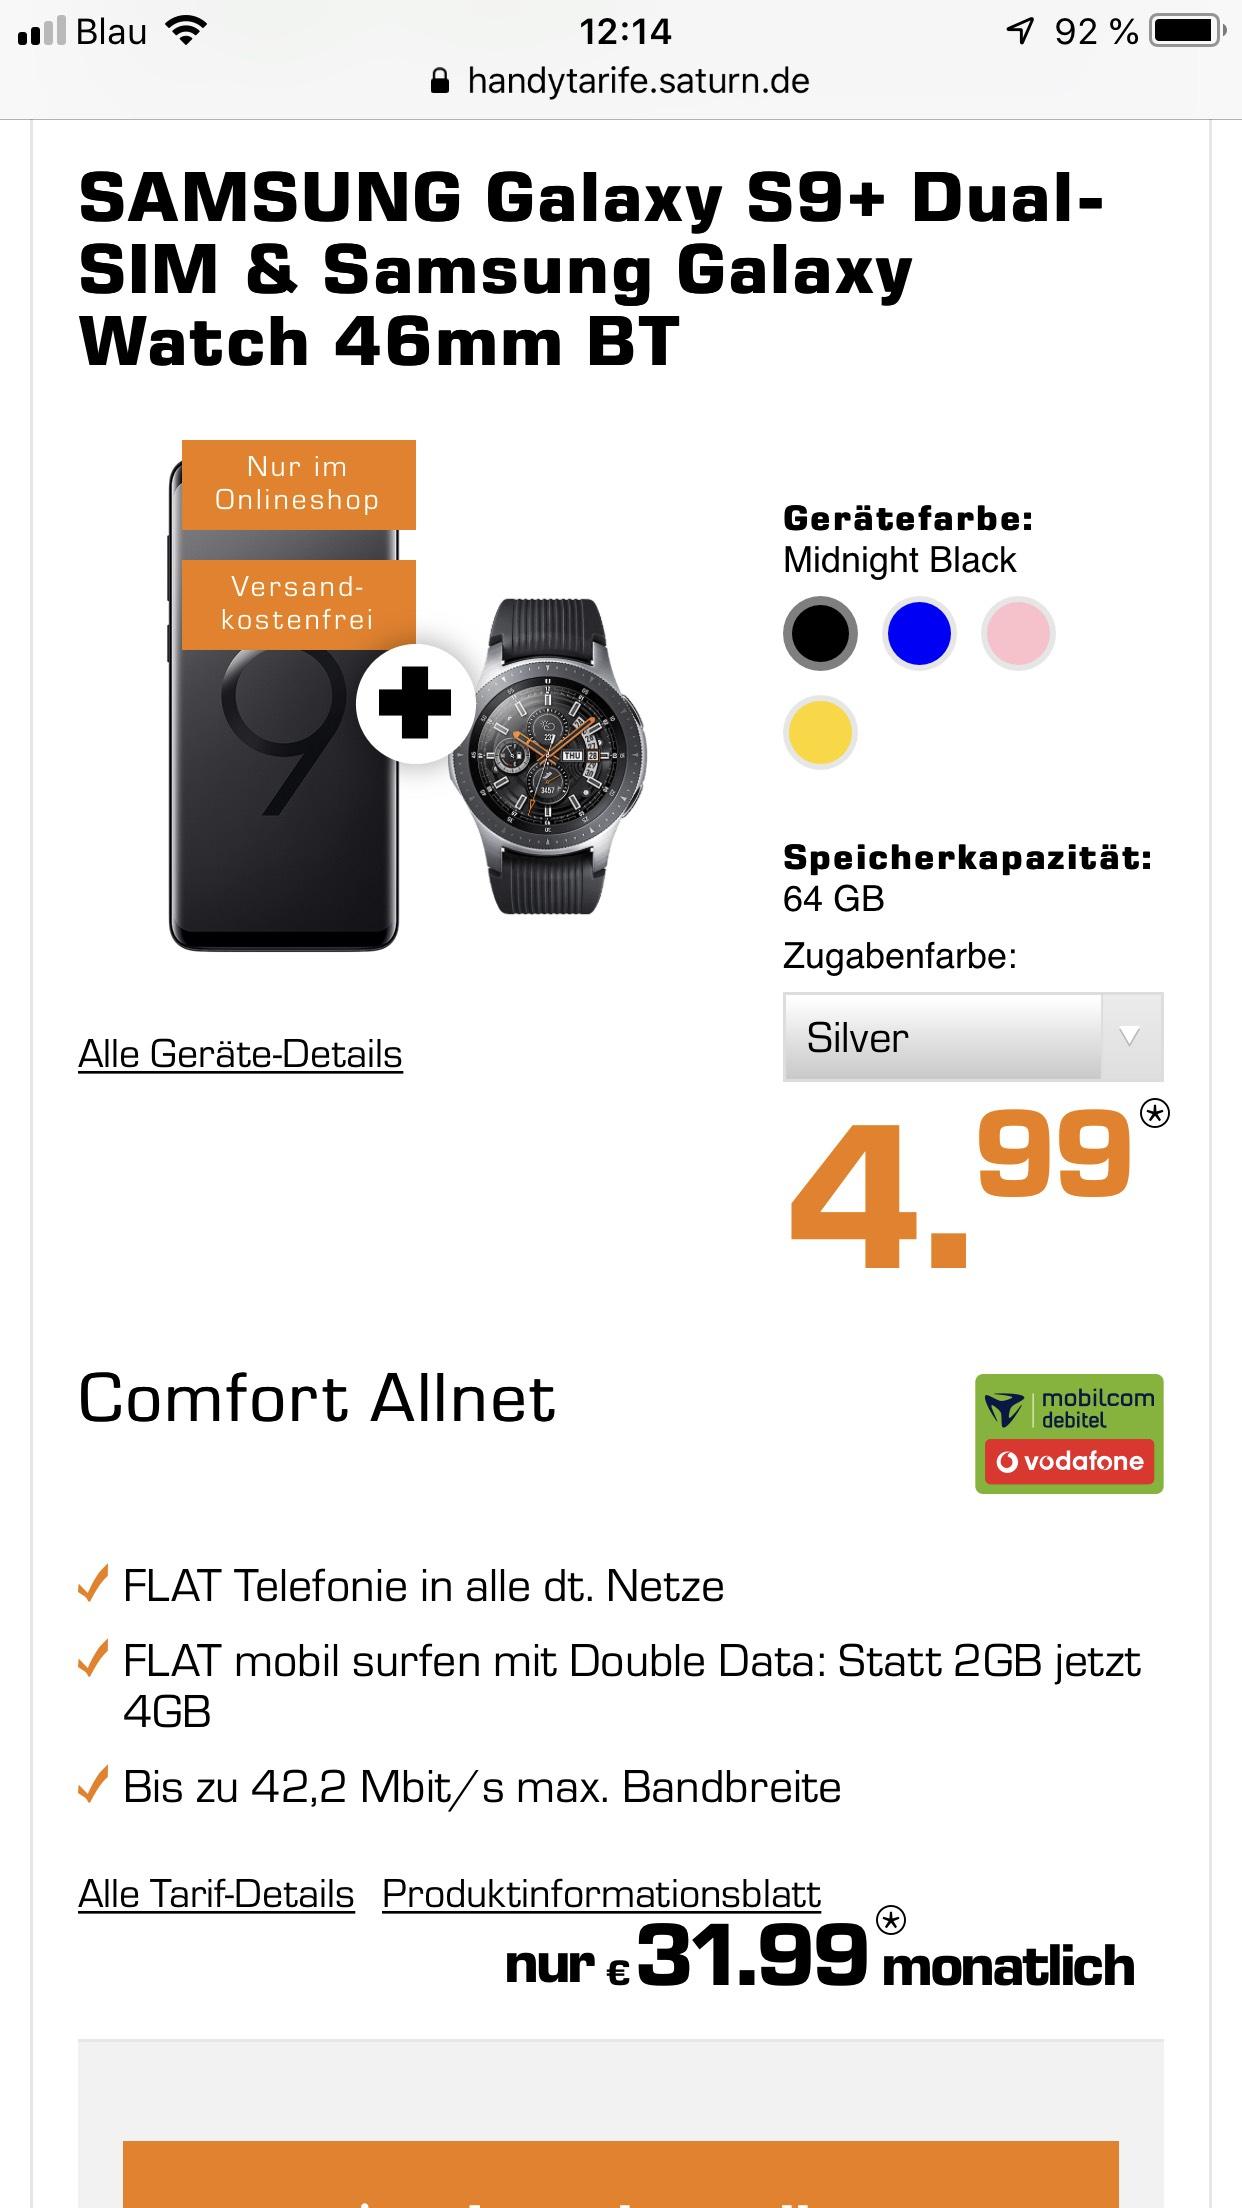 SAMSUNG Galaxy S9+ Dual-SIM & Samsung Galaxy Watch 46mm BT